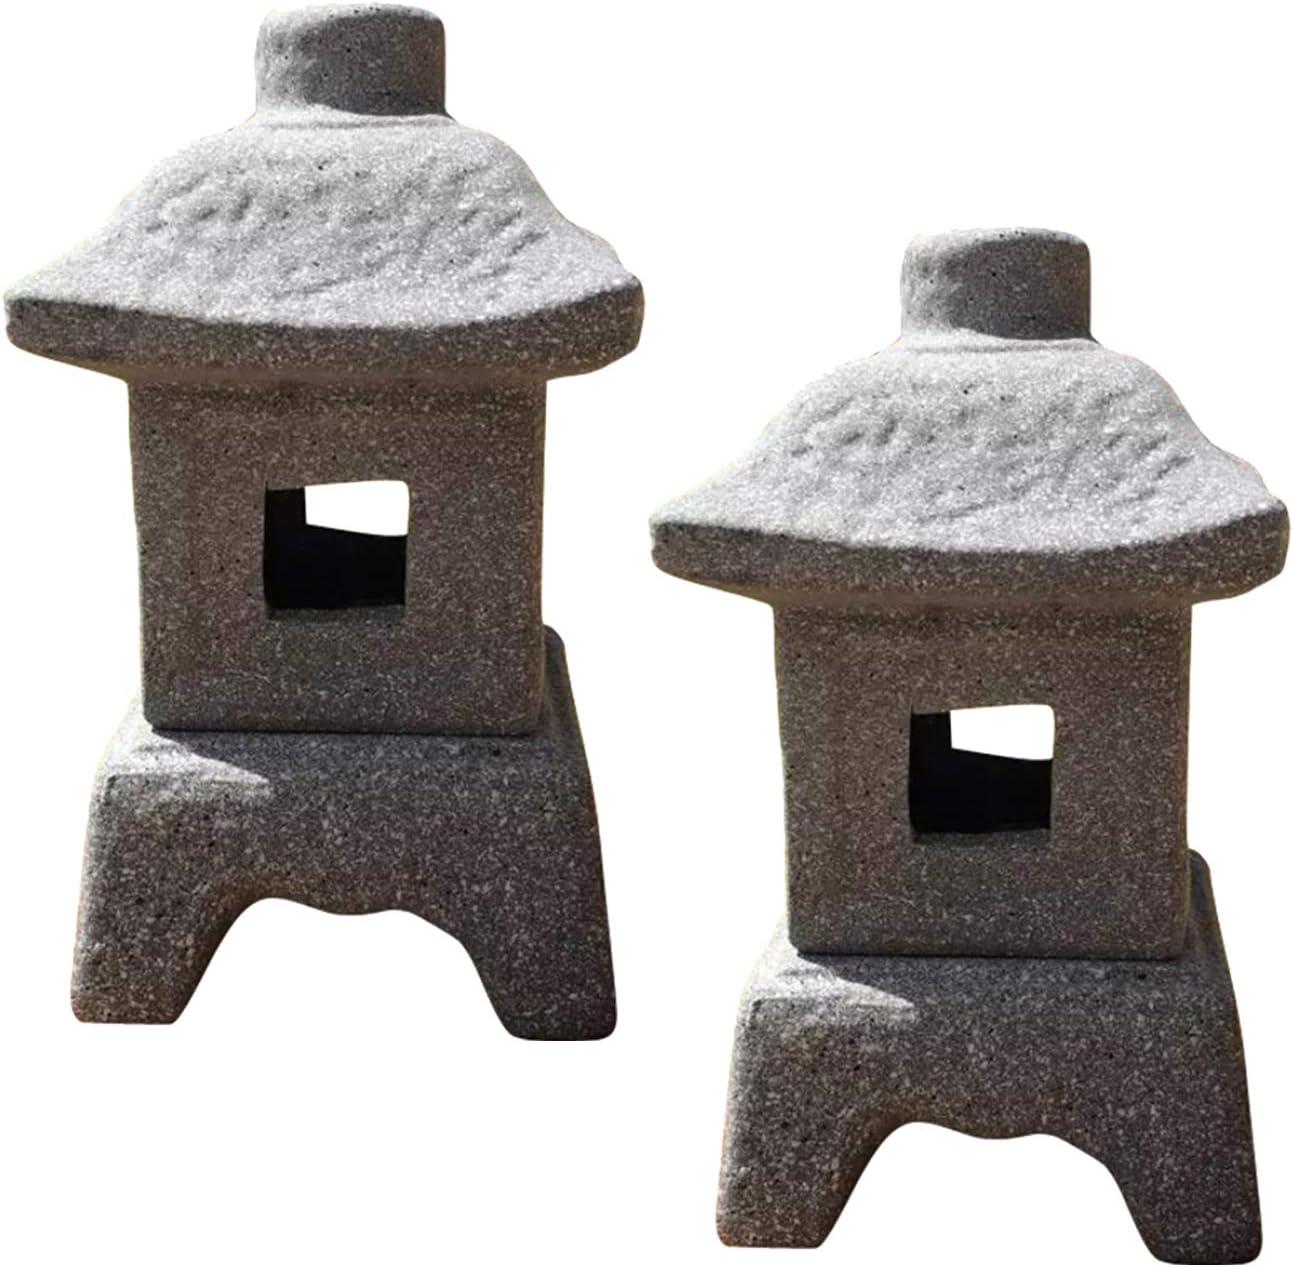 """Zen Garden Decor - Japanese Lantern - 4.72"""" x 4.33"""" x 8.27"""" Pagoda Stone Decor w/ Detachable Top - Japanese Garden Sculptures - Fairy Garden Outdoor Light - Candle Holder Patio Decor - 2 Pack"""